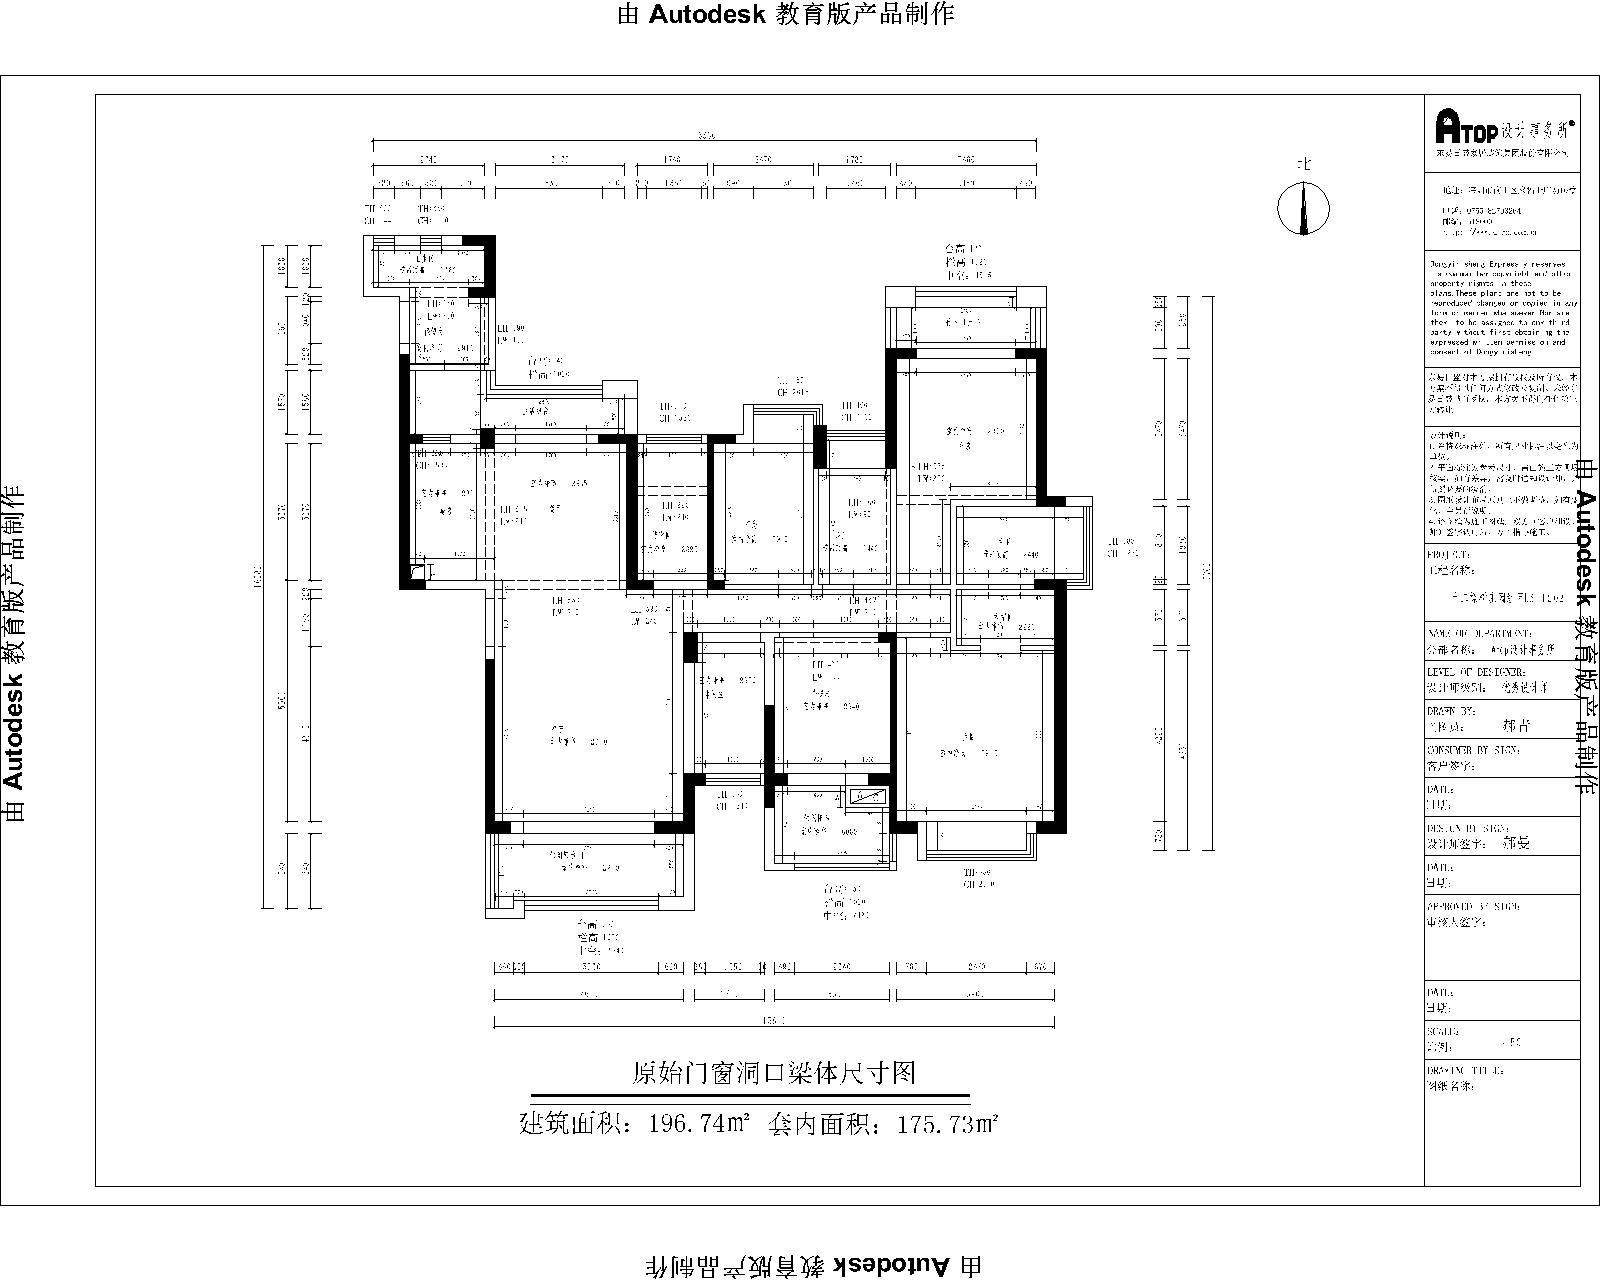 十二橡树庄园-197平米装修-现代简约风格设计案例装修设计理念